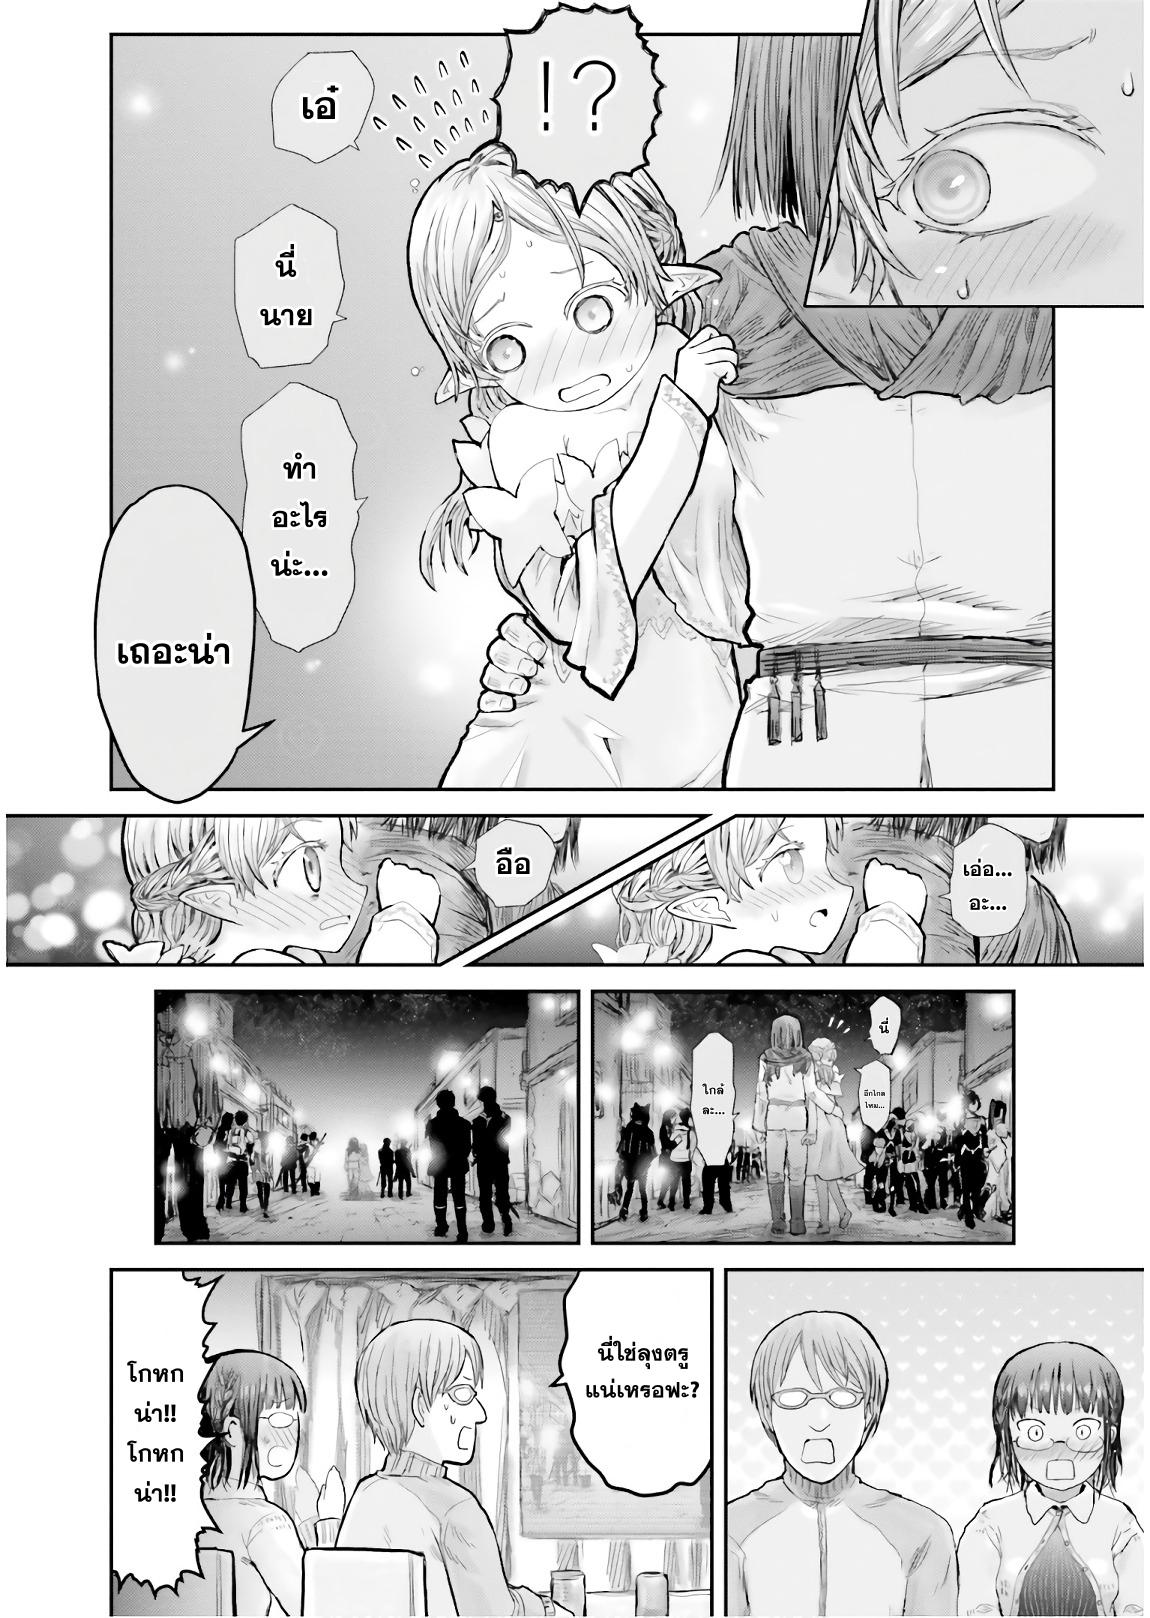 อ่านการ์ตูน Isekai Ojisan ตอนที่ 12 หน้าที่ 19